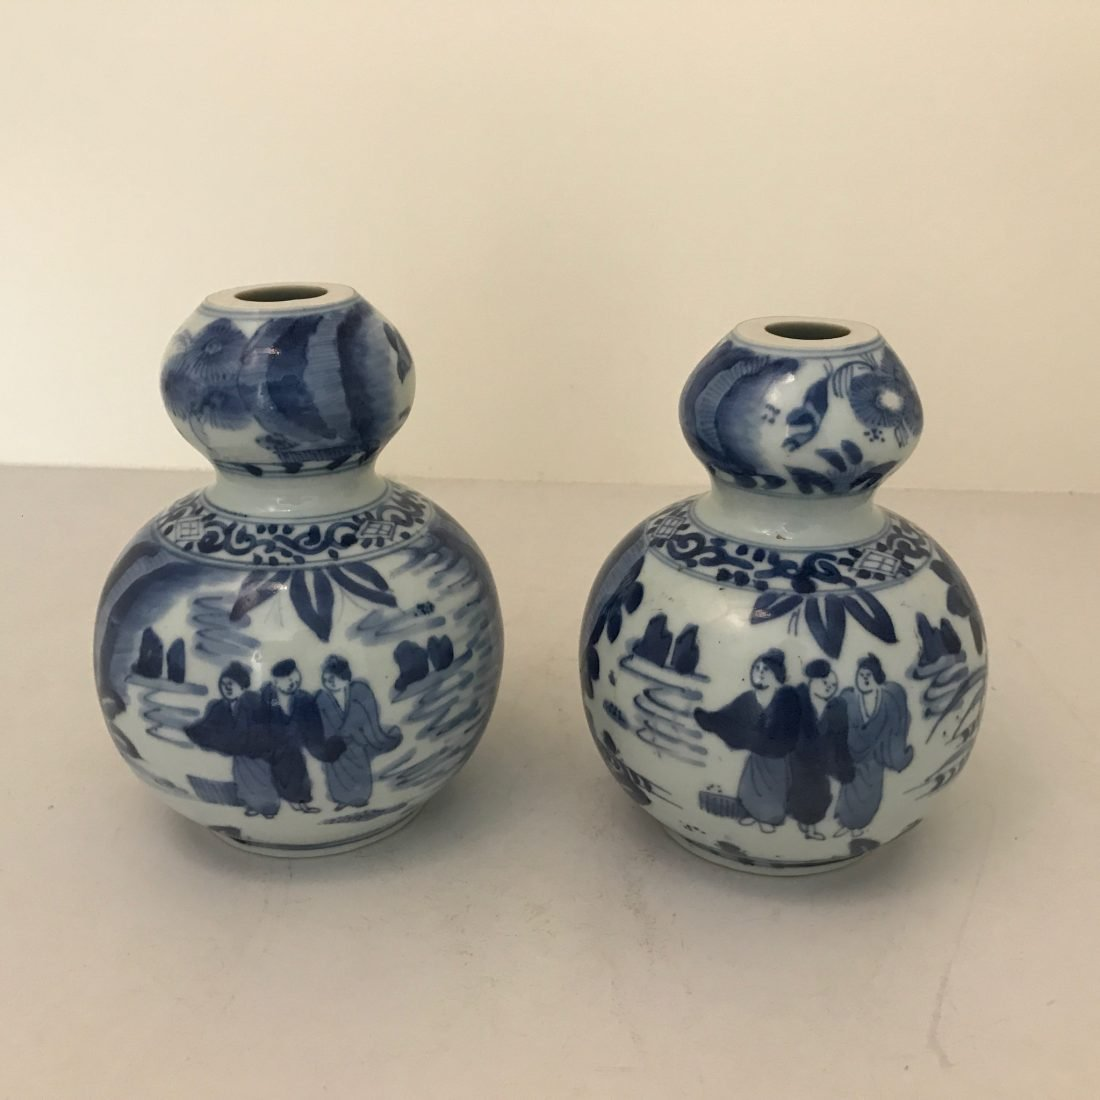 Een stel blauw wit porseleinen kalebas vazen, Japan, 19e eeuw